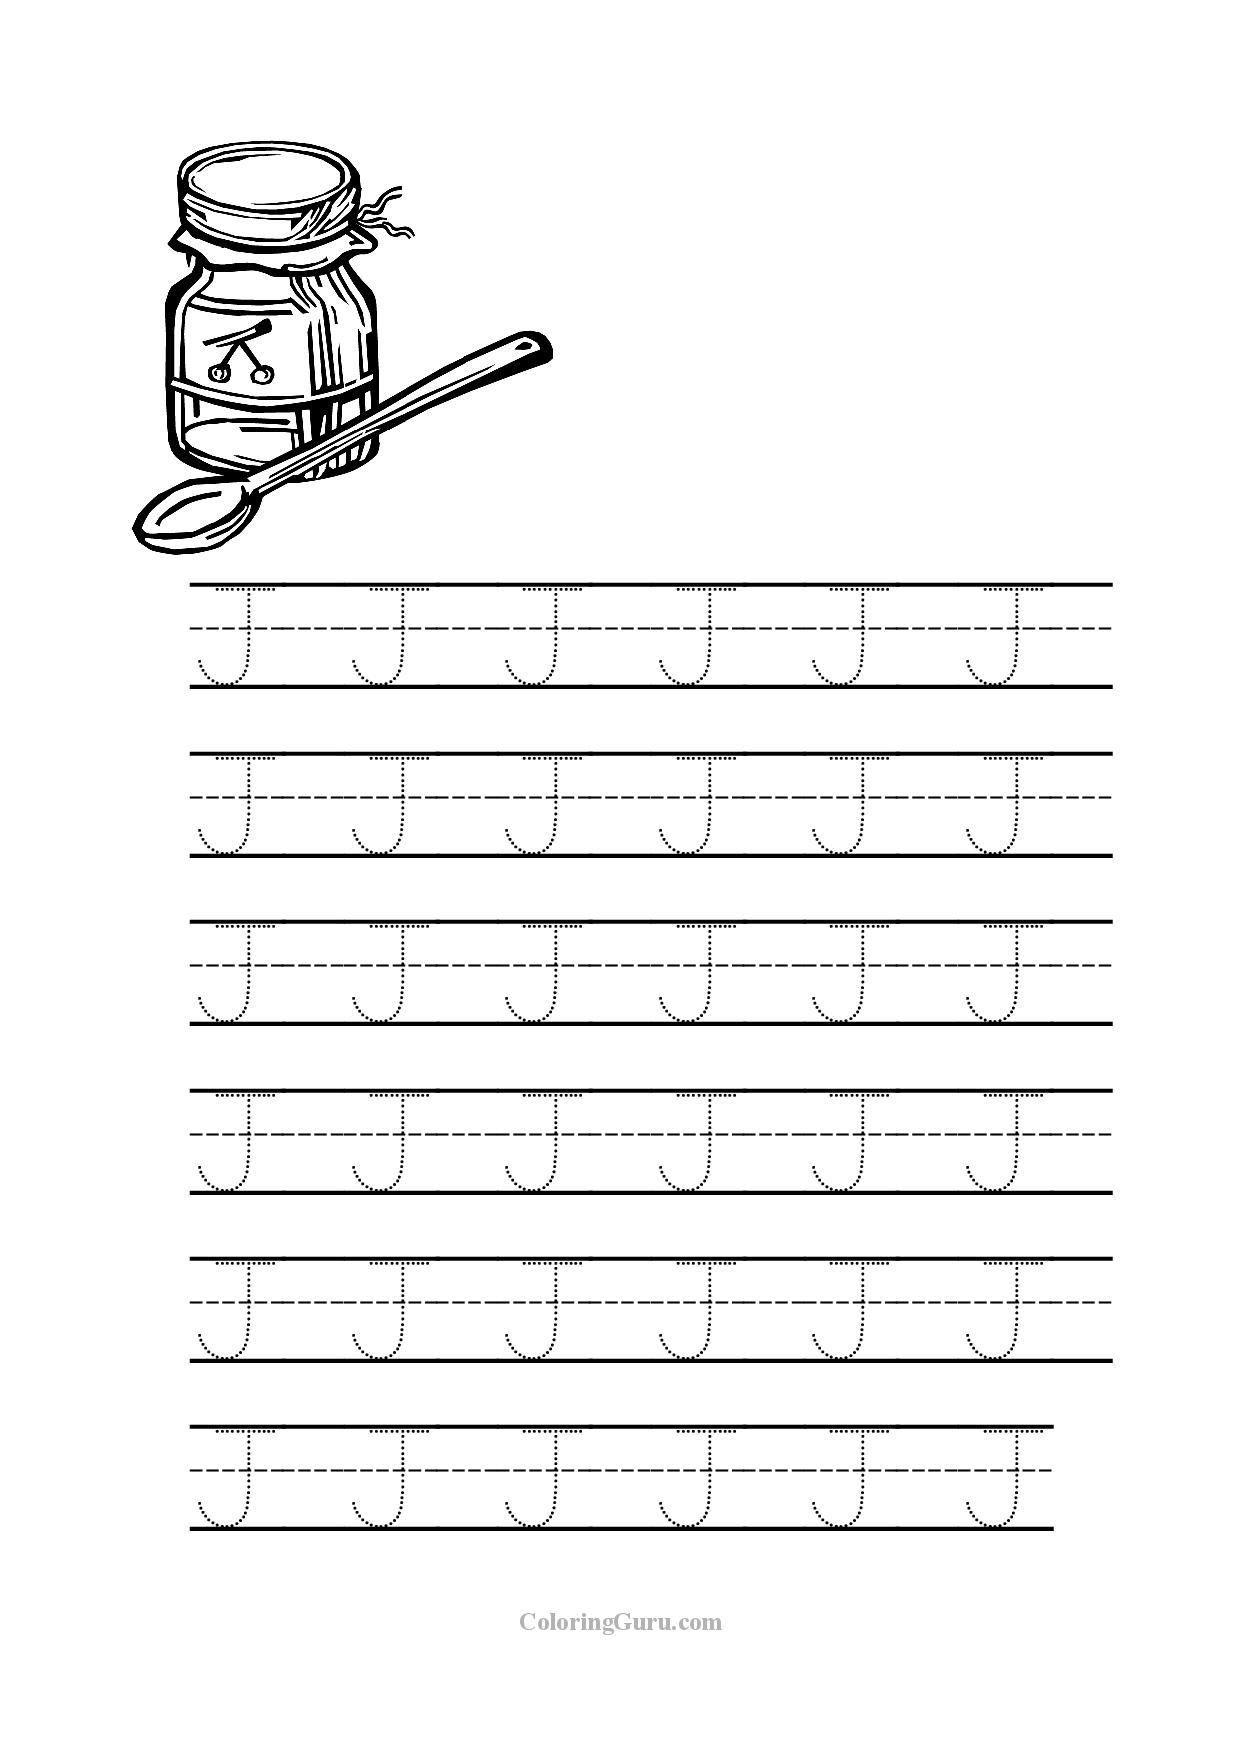 2 Pre Kindergarten Worksheets Tracing J Free Printable intended for Tracing Letter J